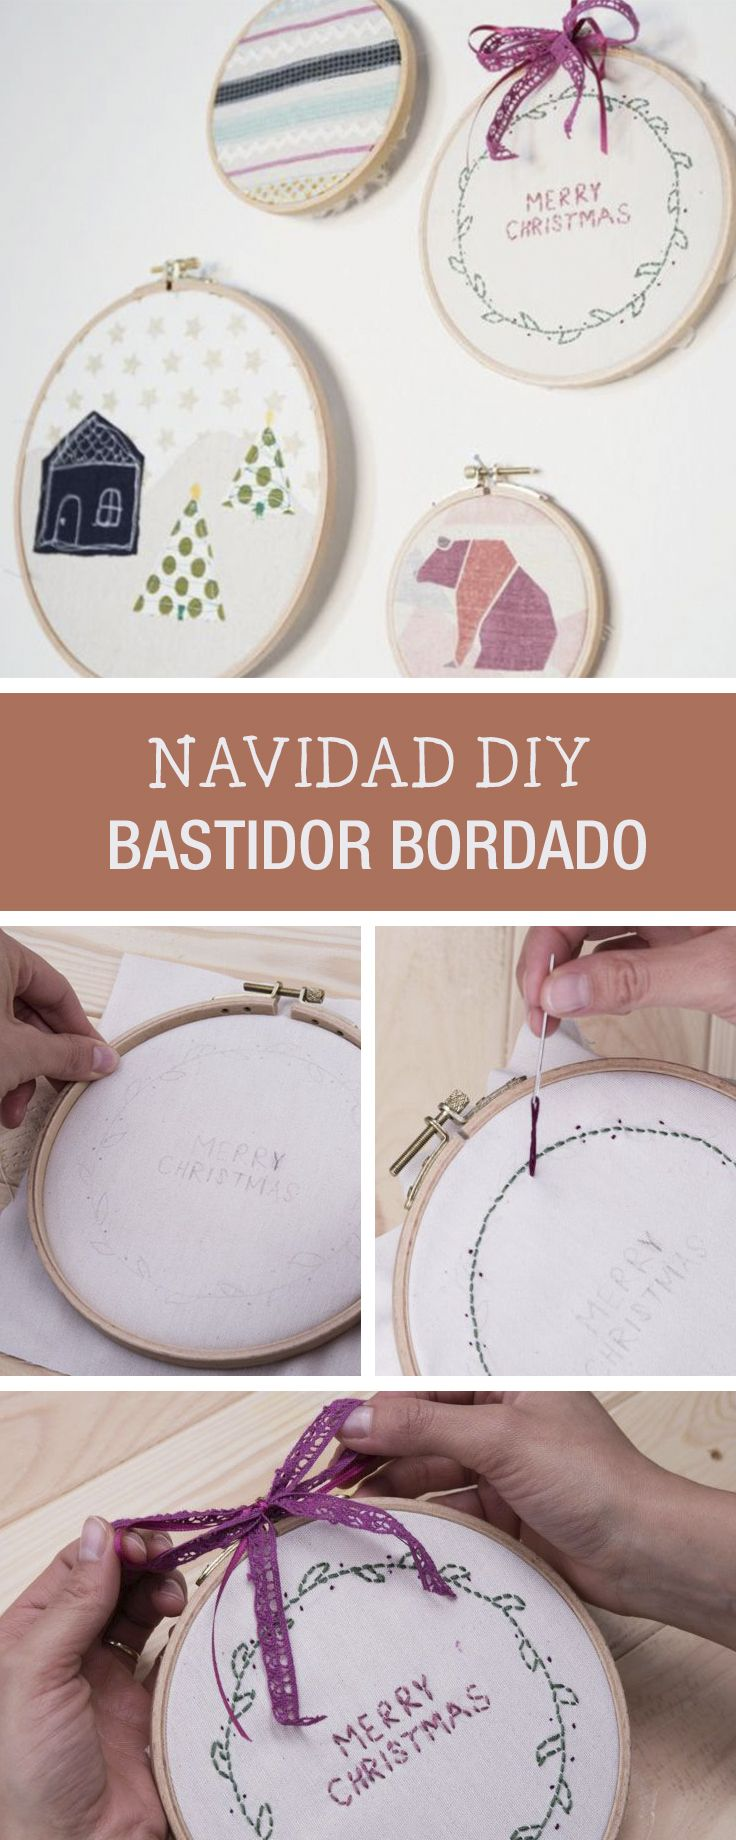 Tutoriales DIY: Cómo bordar un bastidor con motivos navideños vía ...